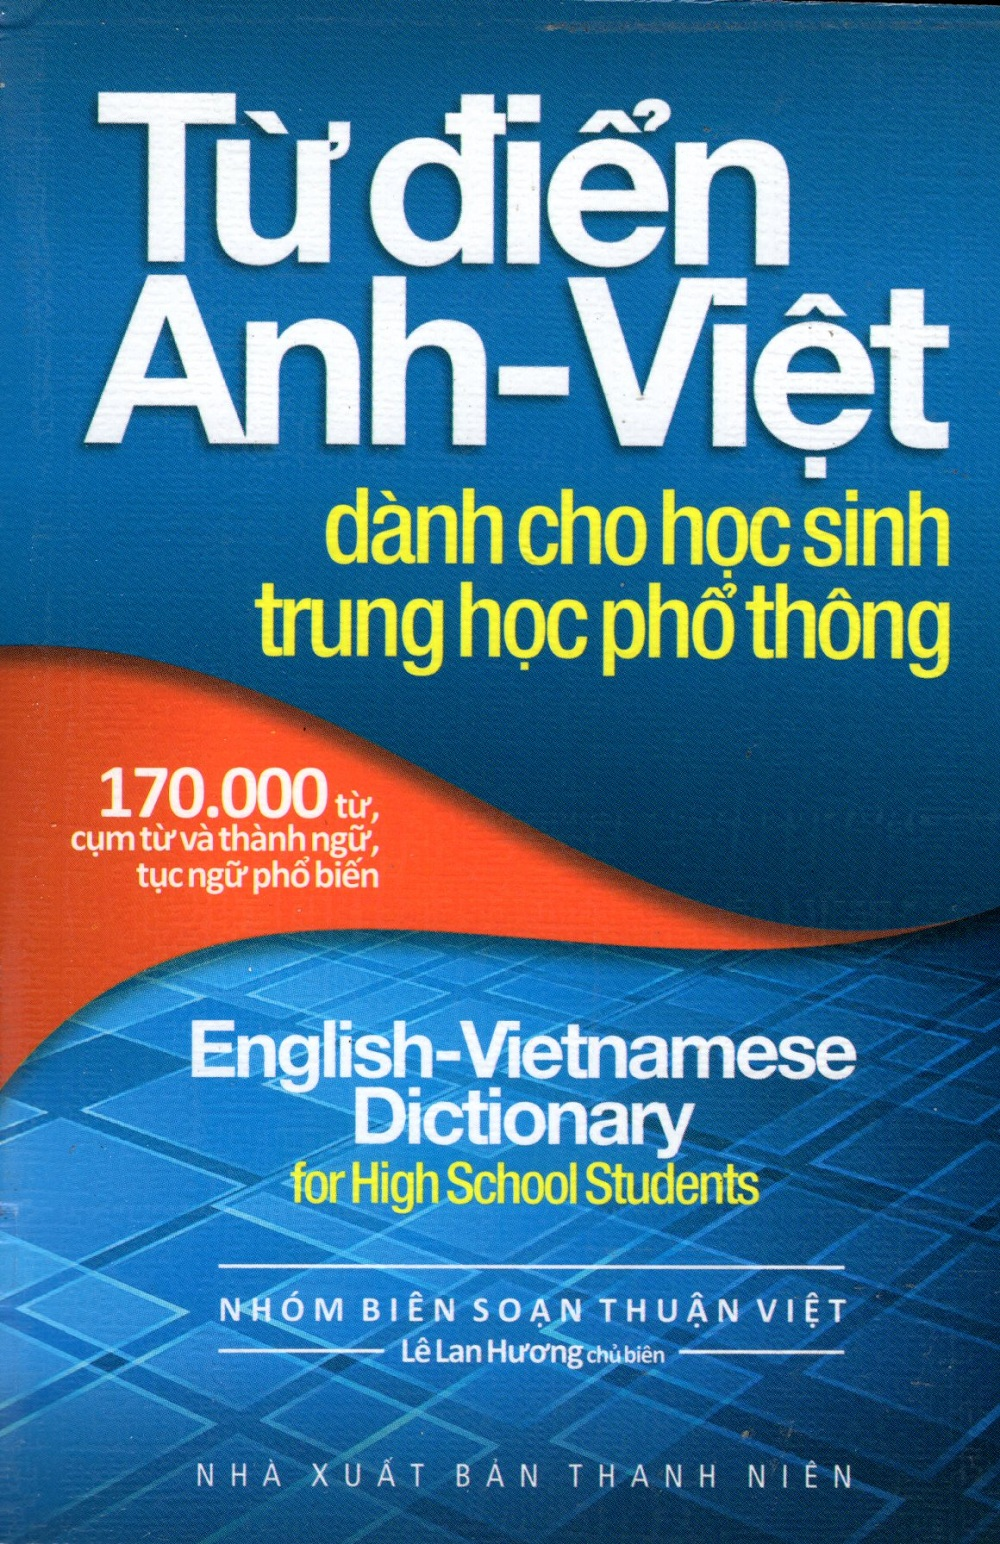 Từ Điển Anh - Việt Dành Cho Học Sinh Trung Học Phổ Thông - 9786046454588,62_269731,78000,tiki.vn,Tu-Dien-Anh-Viet-Danh-Cho-Hoc-Sinh-Trung-Hoc-Pho-Thong-9786046454588,Từ Điển Anh - Việt Dành Cho Học Sinh Trung Học Phổ Thông